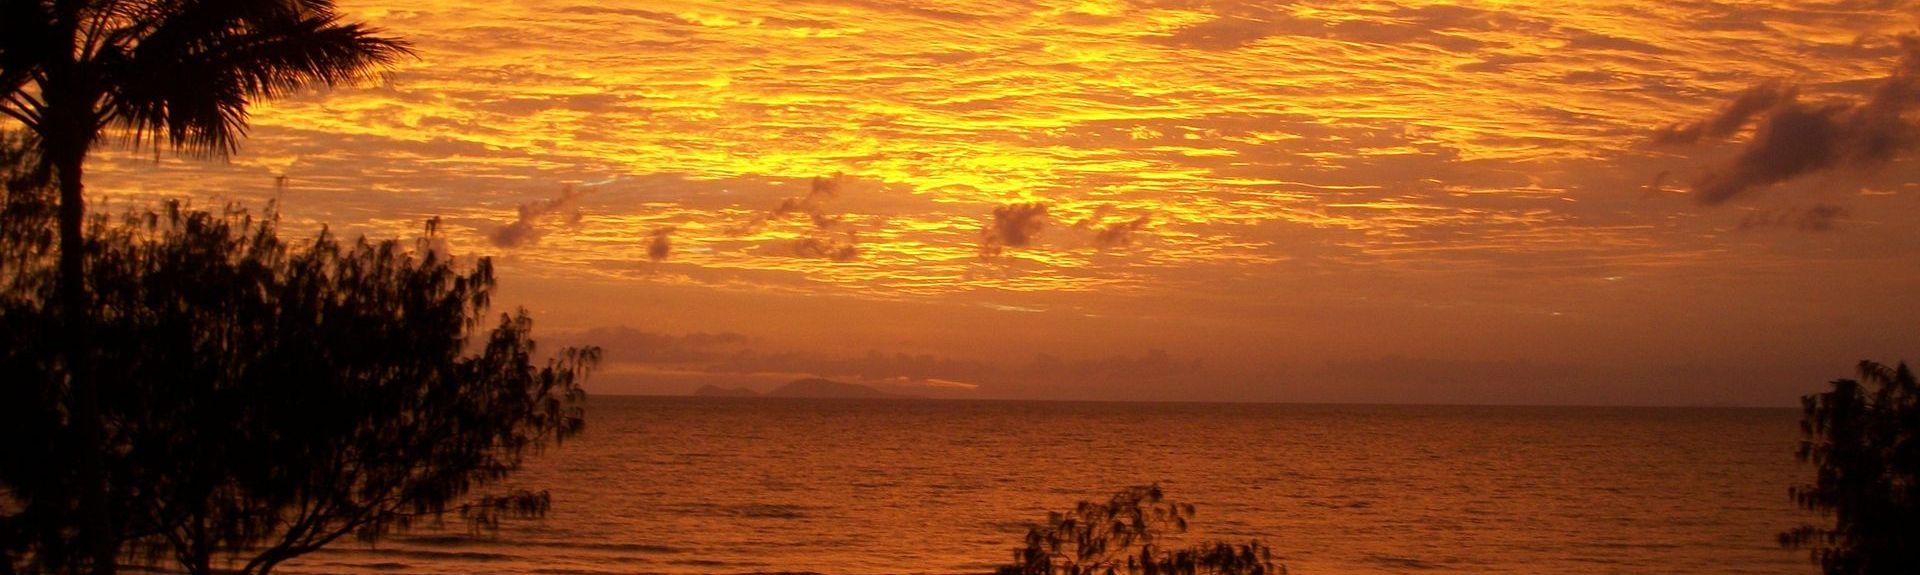 Sarina, Queensland, Australia